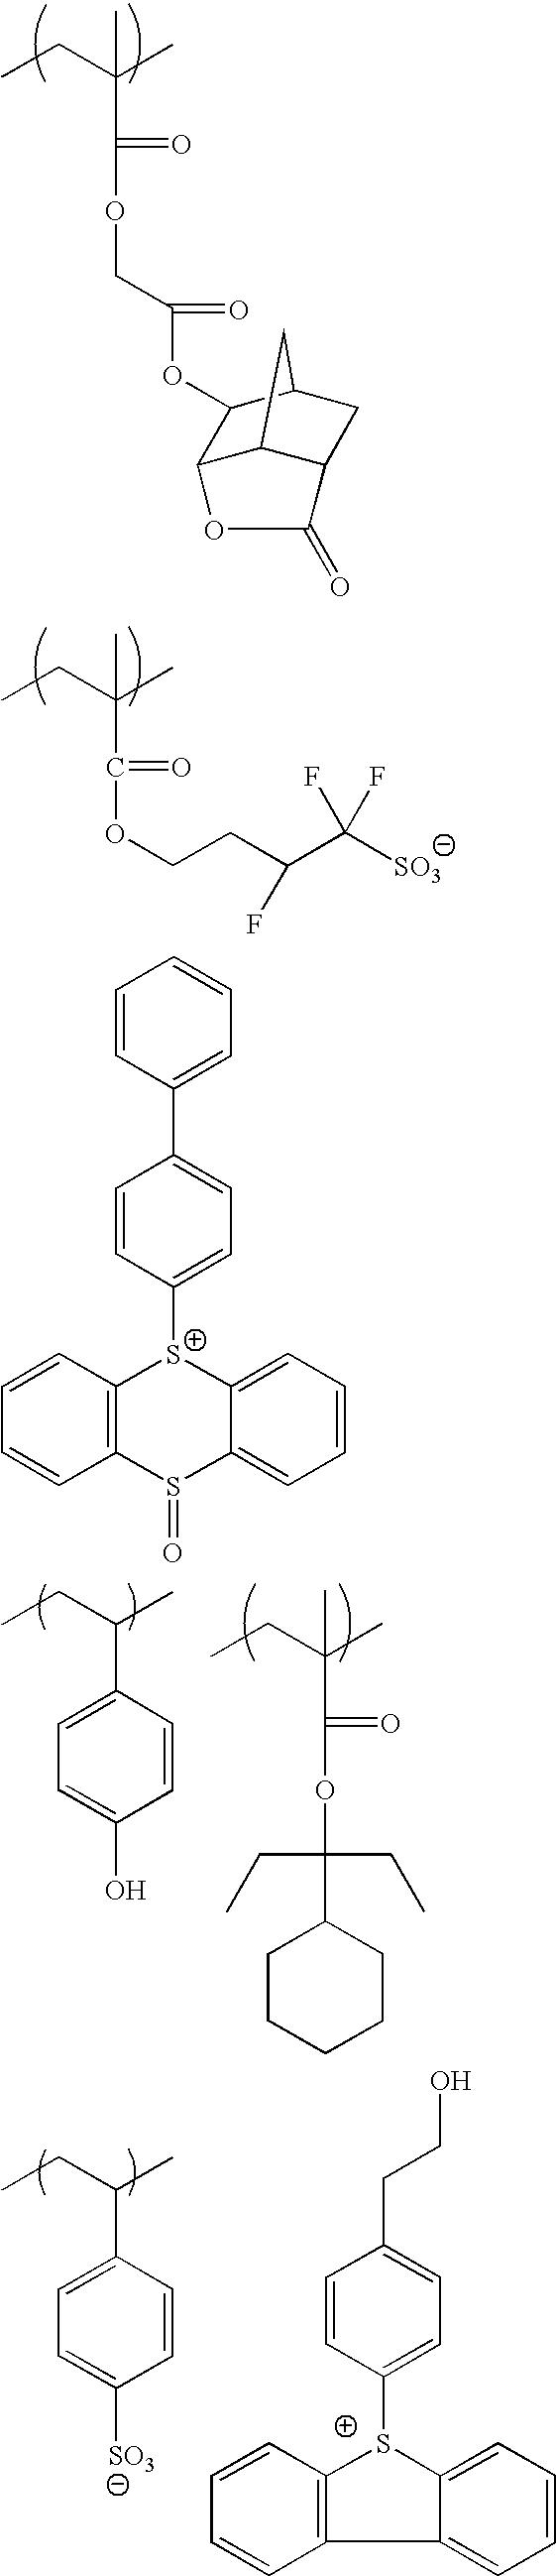 Figure US08852845-20141007-C00197